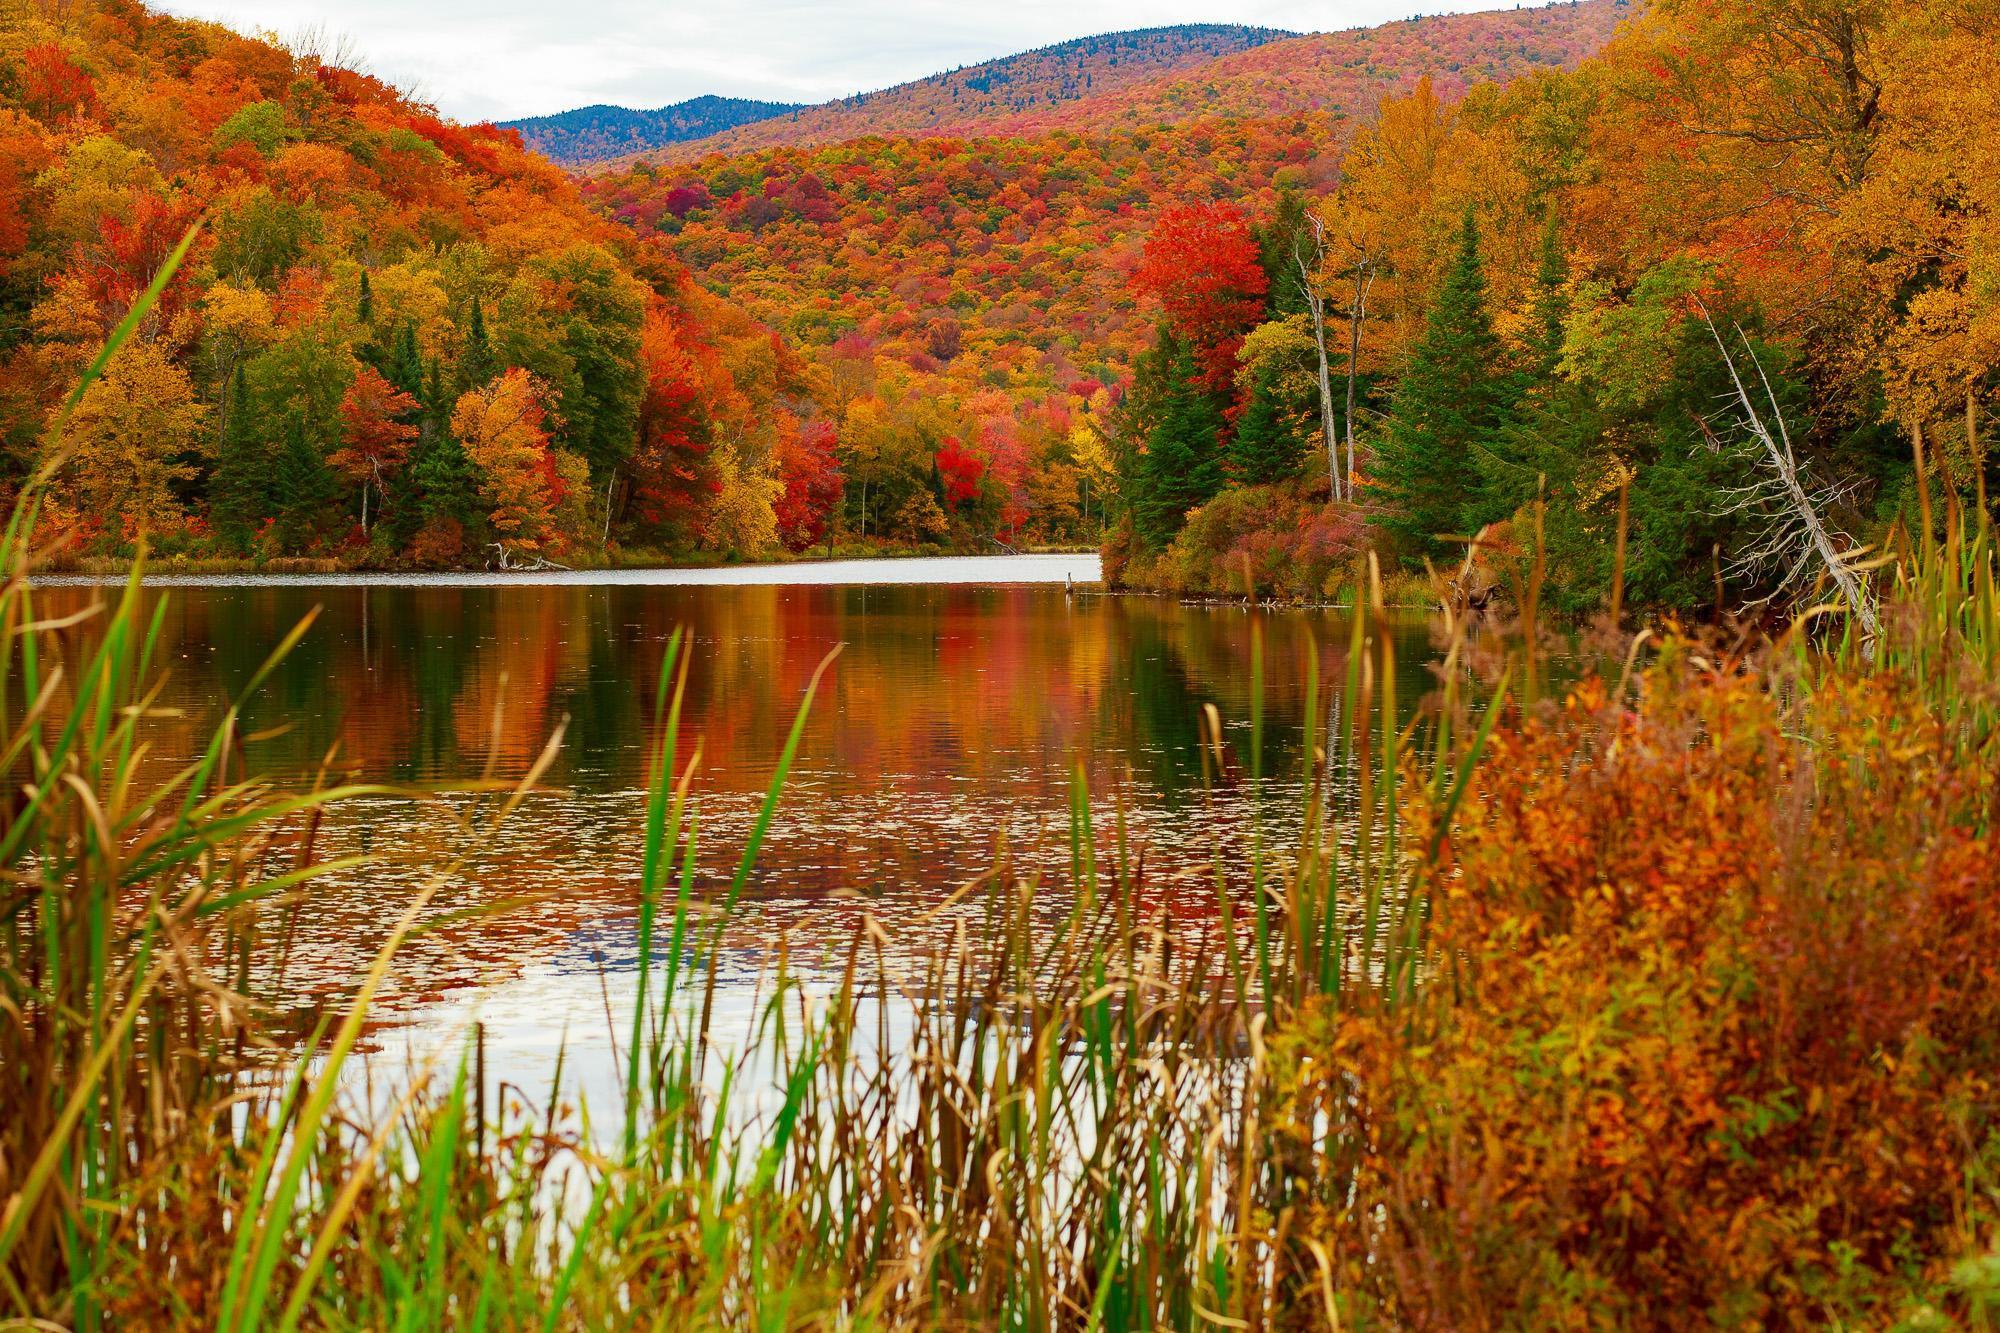 Ngắm phong cảnh đẹp đến ngoạn mục của những khu rừng vào mùa thu - Ảnh 26.